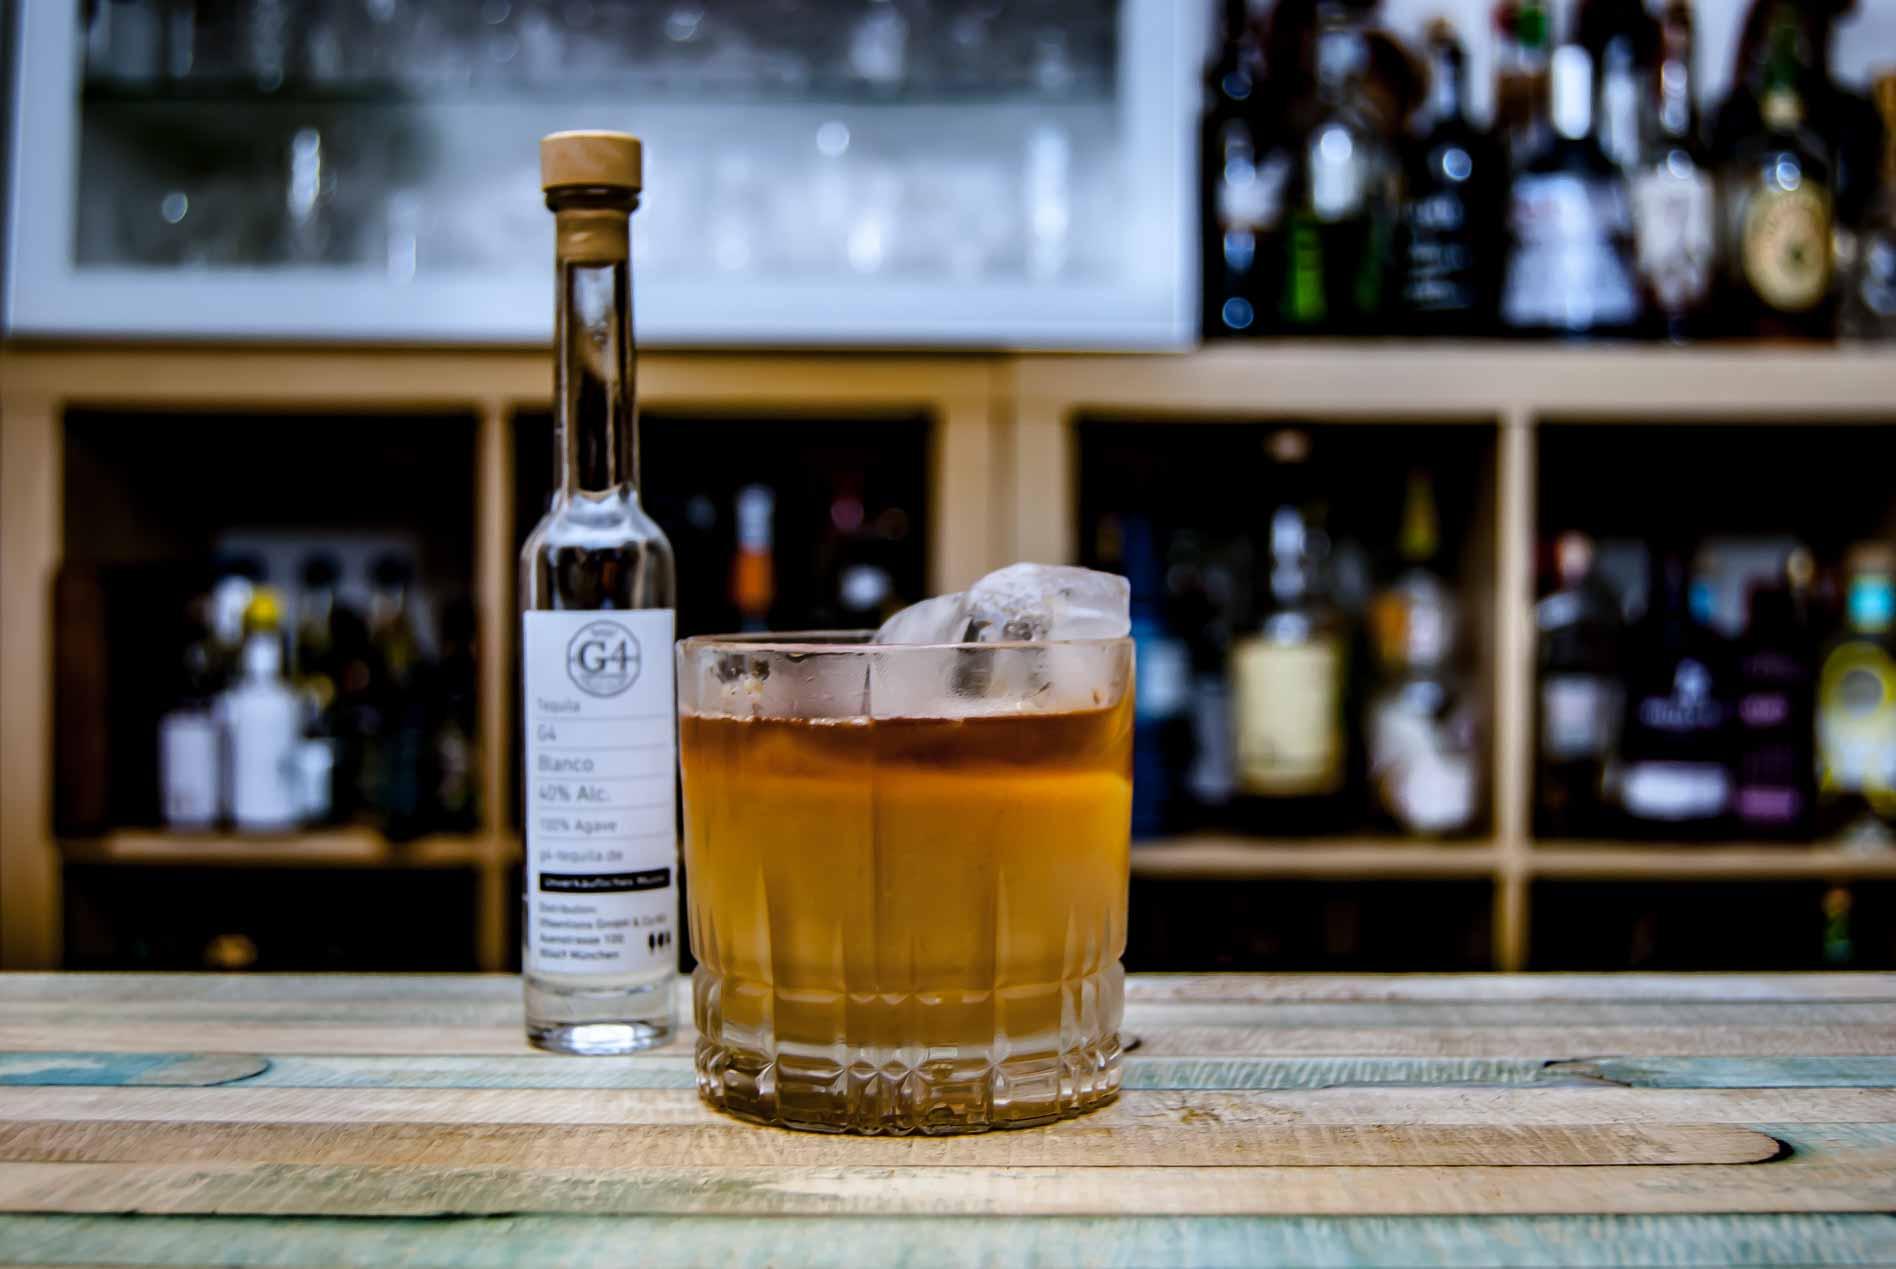 Der G4 Tequila Reposado in einem Horchata White Russian.